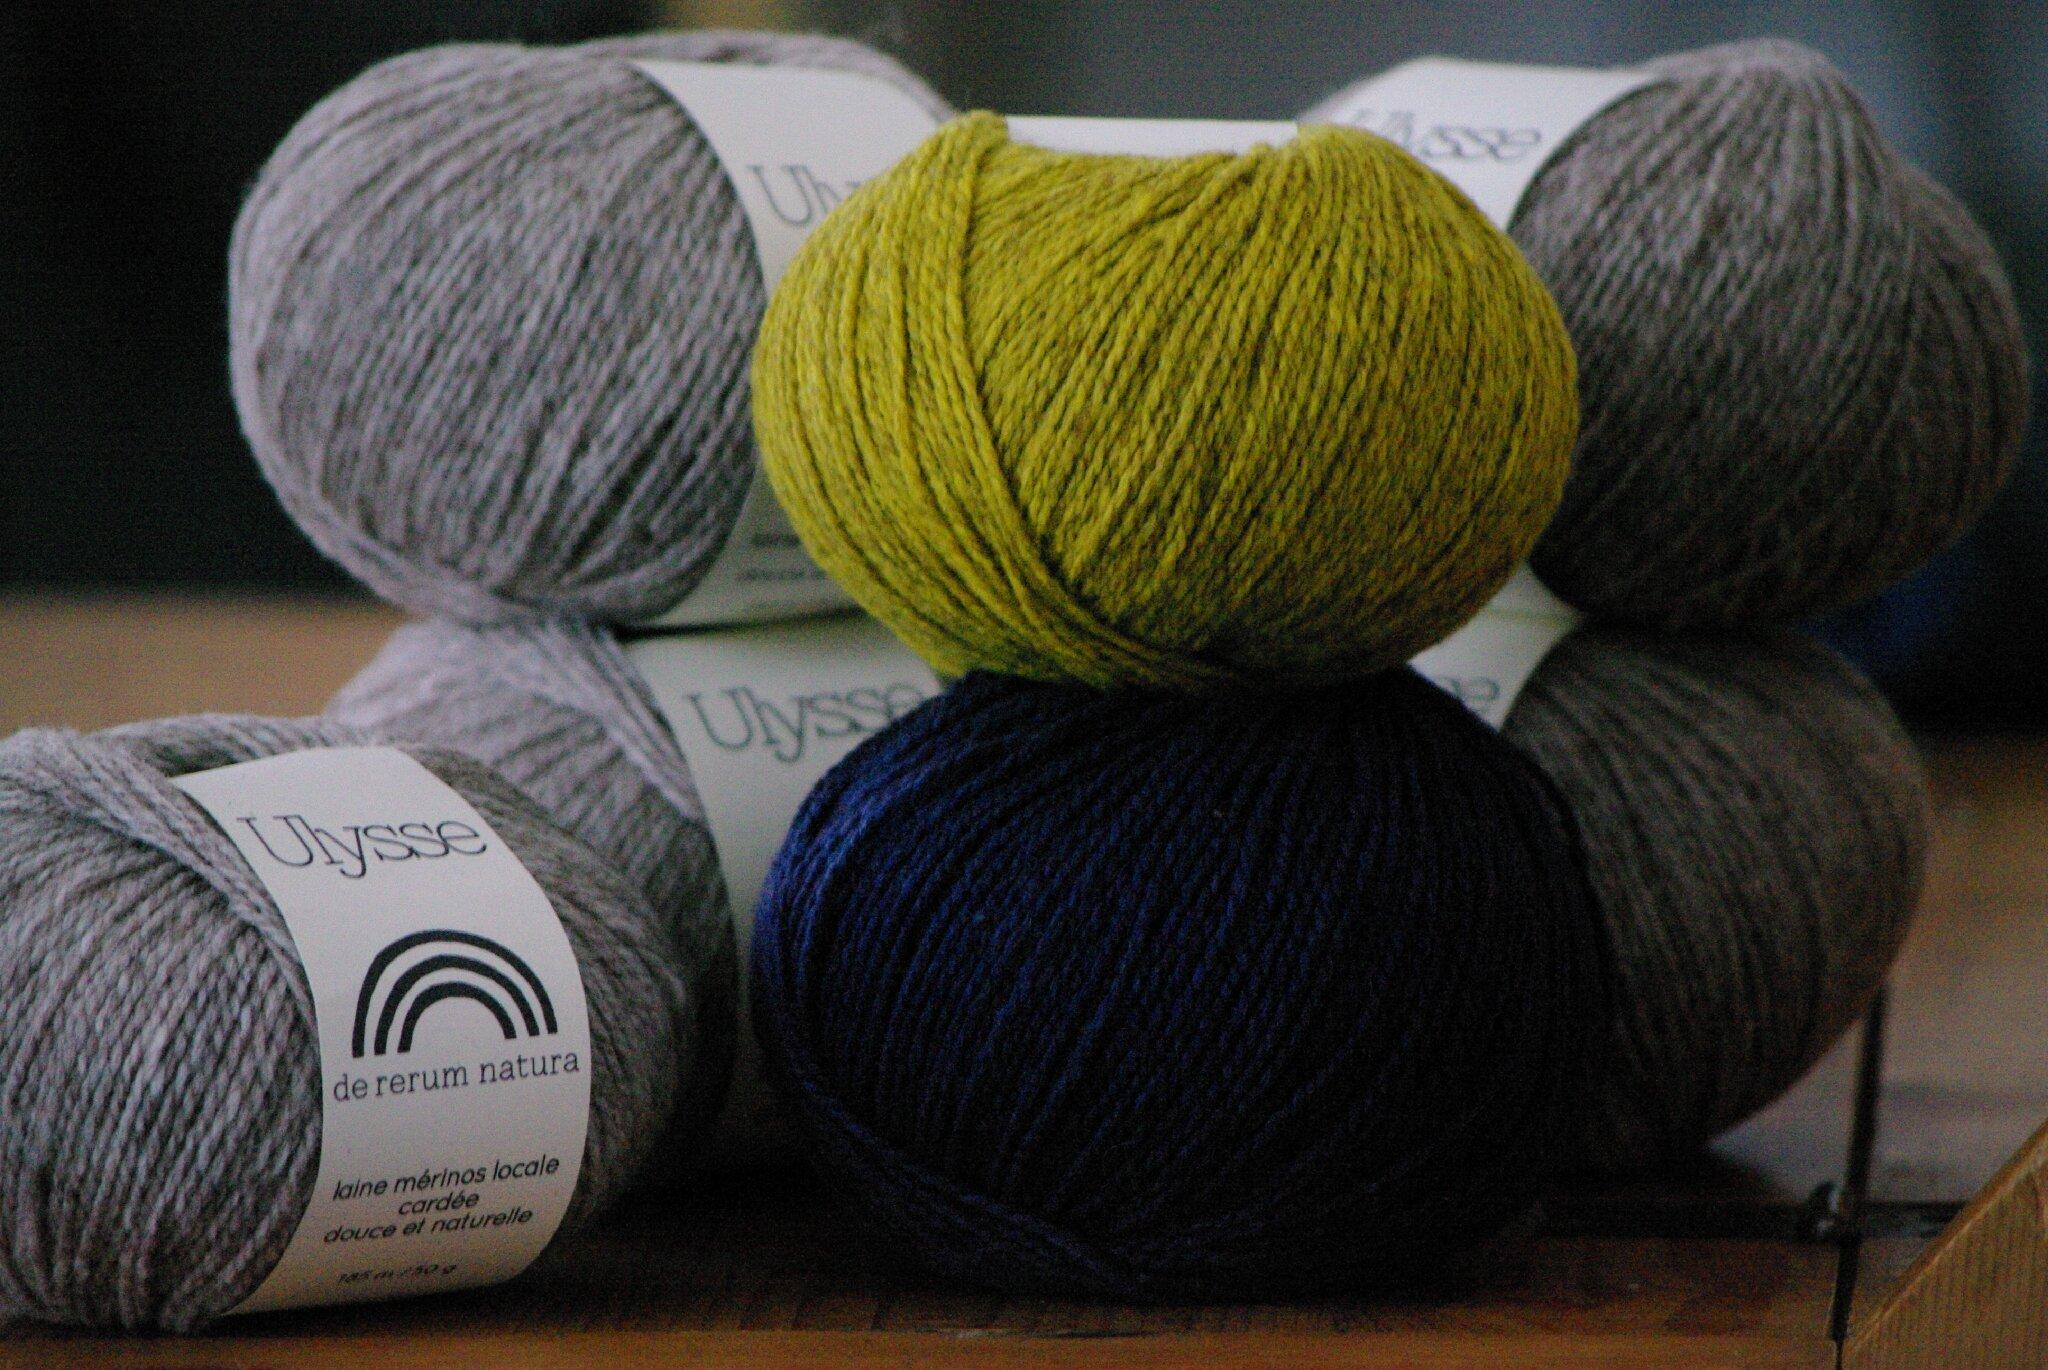 aimer la laine Ulysse de De rerum natura